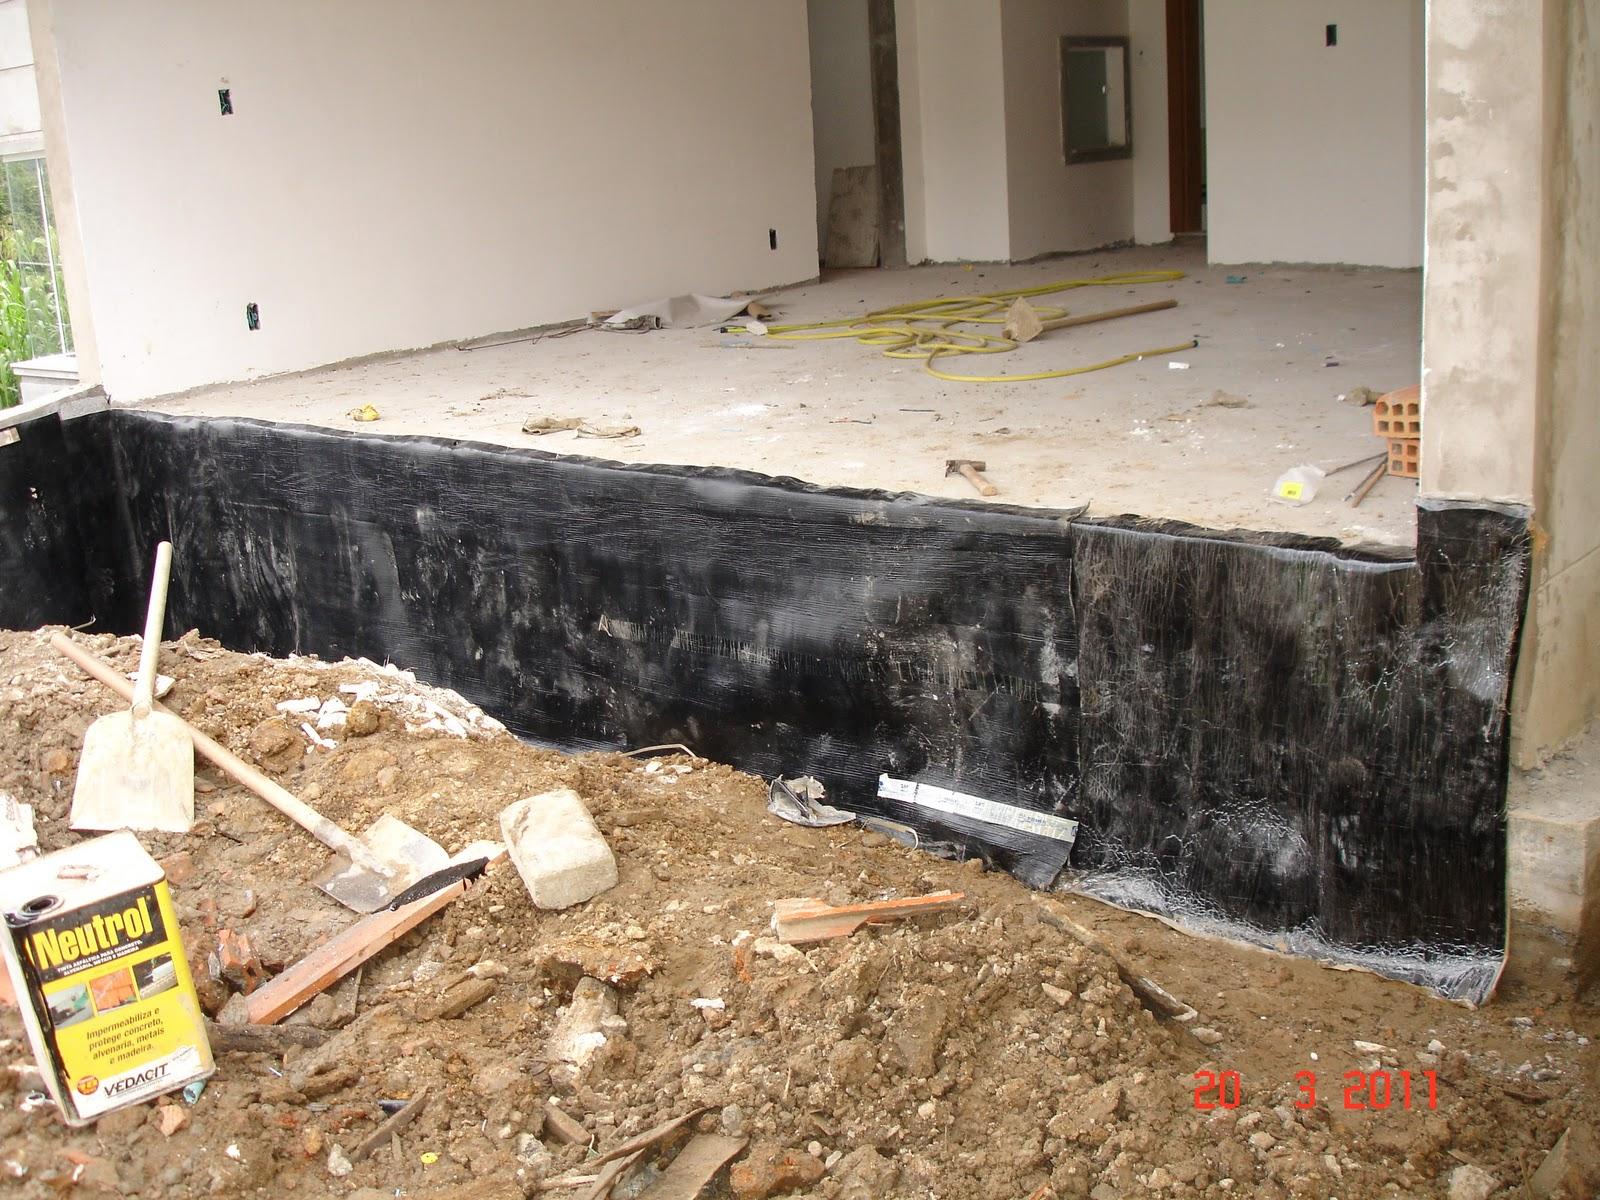 Nossa Casa no Site Construção da fundação ao acabamento: Março  #B29B19 1600 1200